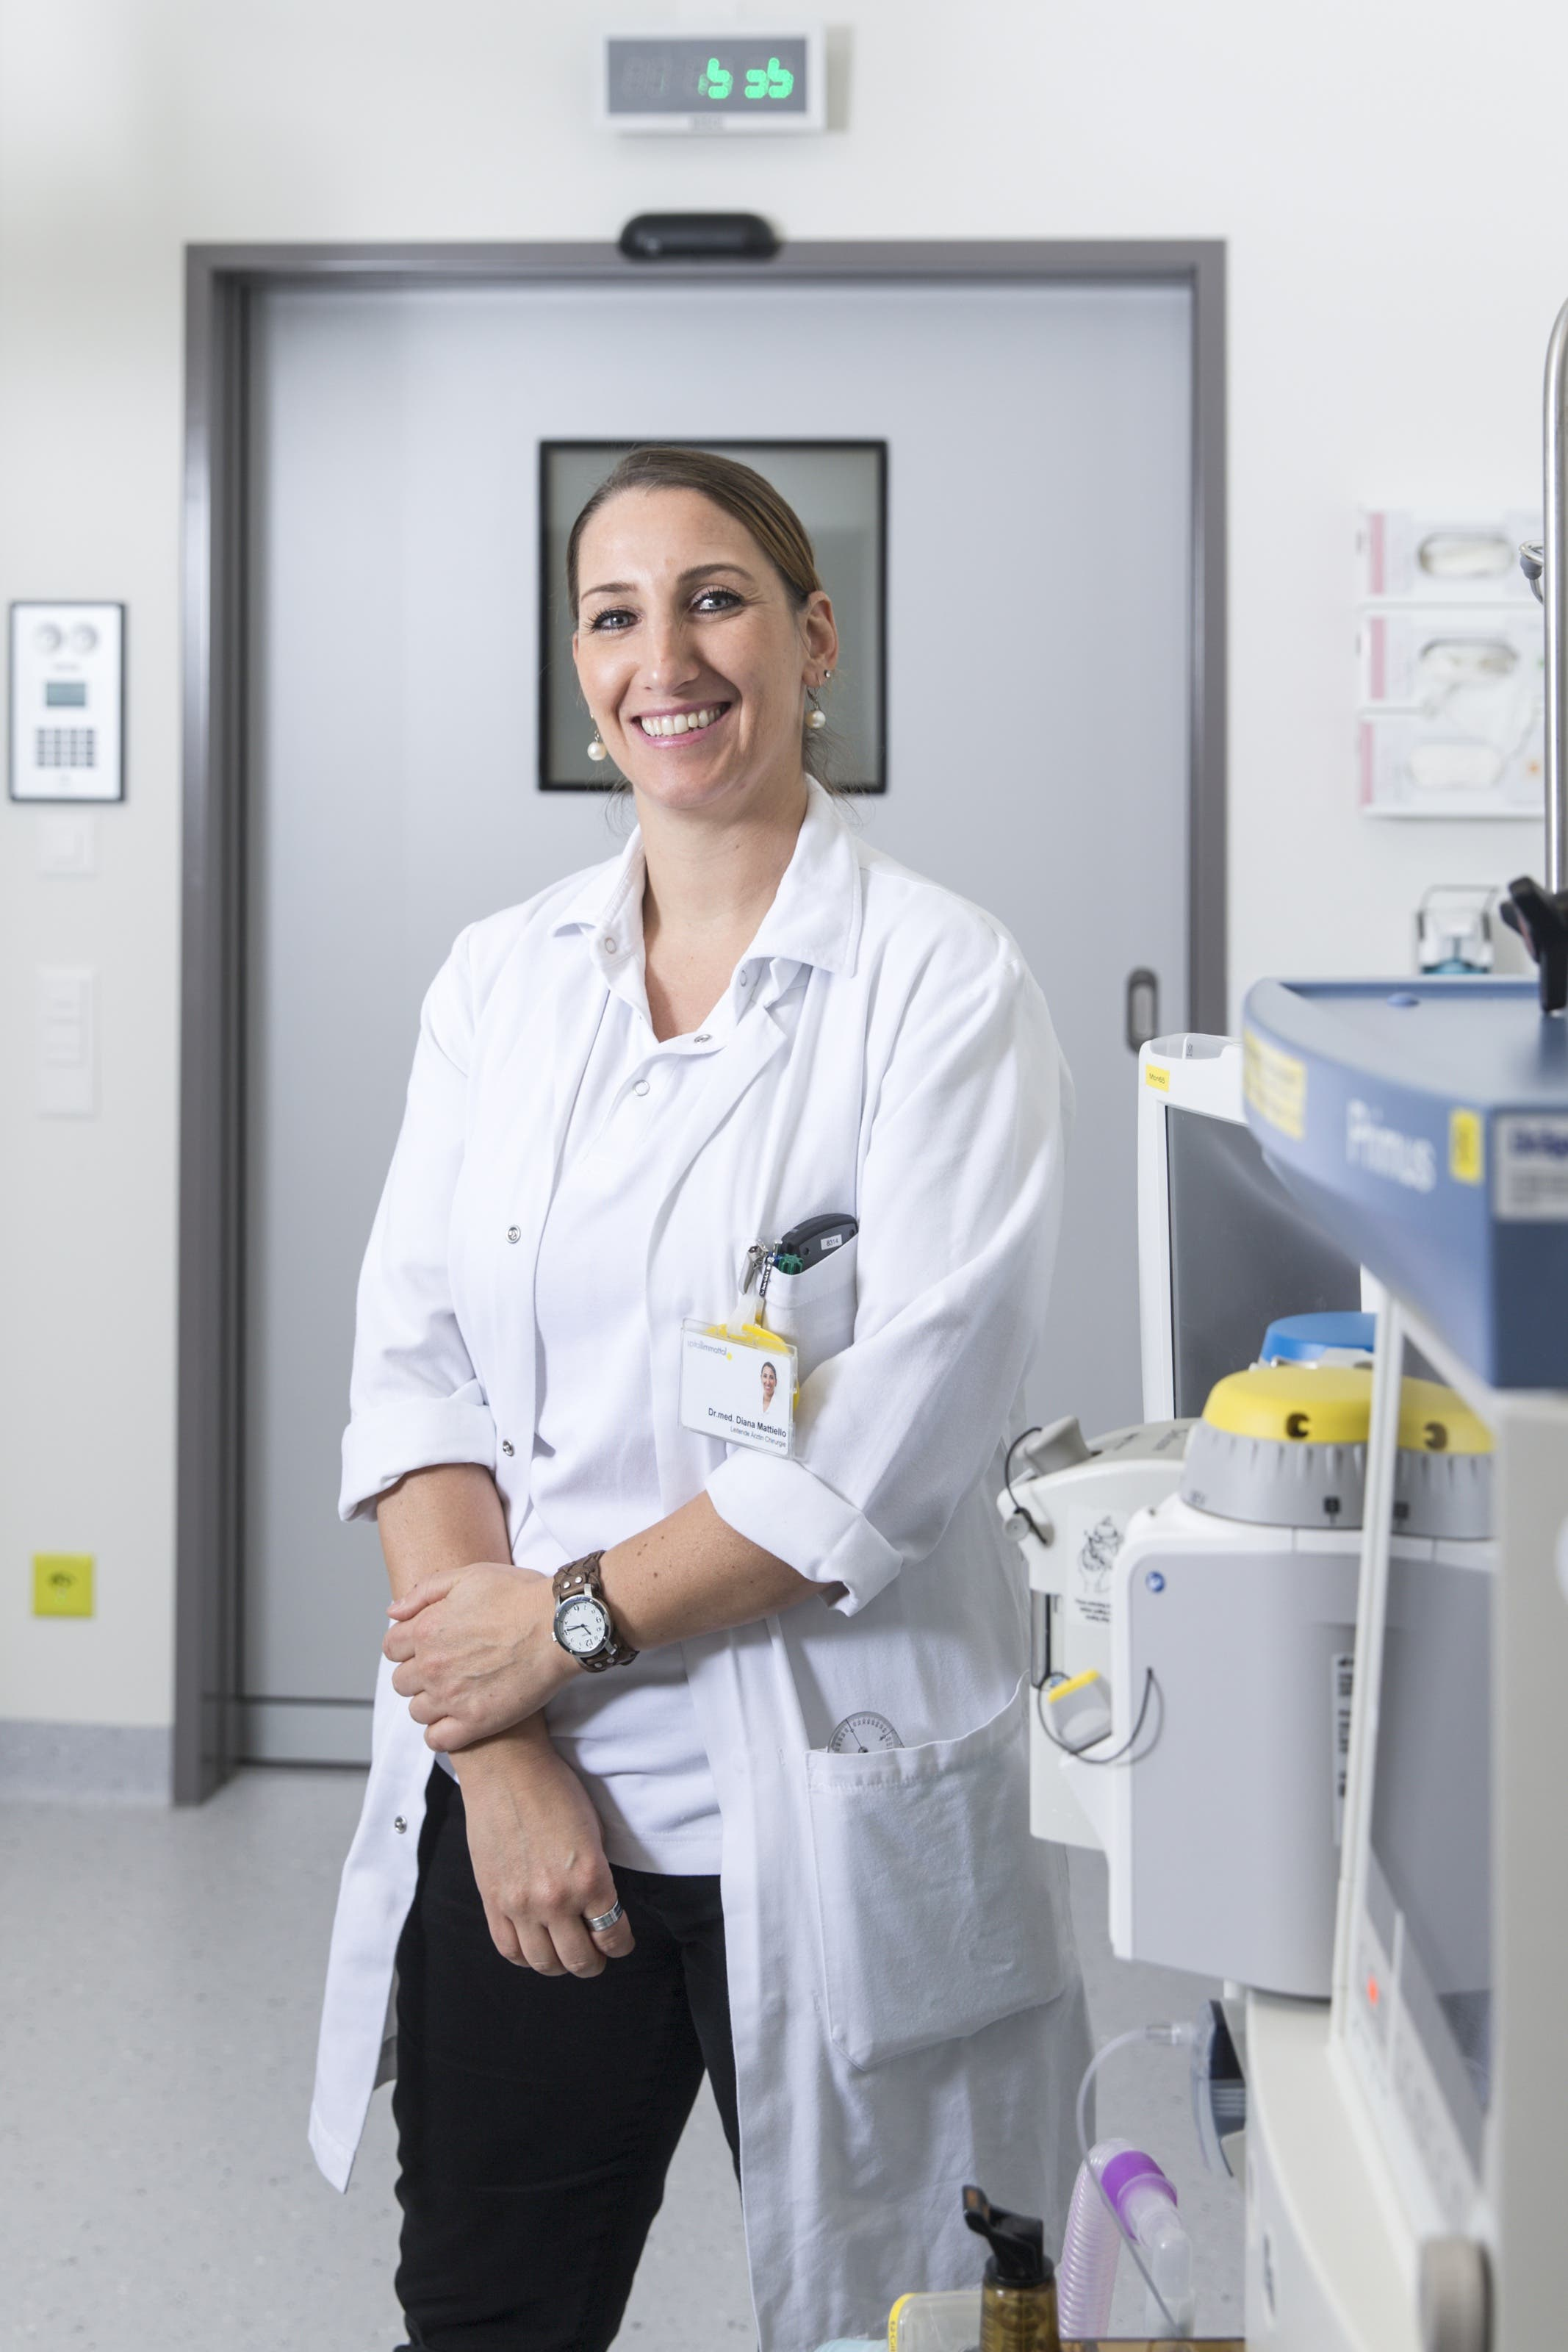 «In der Chirurgie ist man Macher und Denker zugleich.» Diana Mattiello ist Leitende Ärztin der Chirurgie. Ihr Spezialgebiet ist der Magen-Darm-Trakt. Die 41-Jährige legt etwa Magenbypässe bei Übergewichtigen.